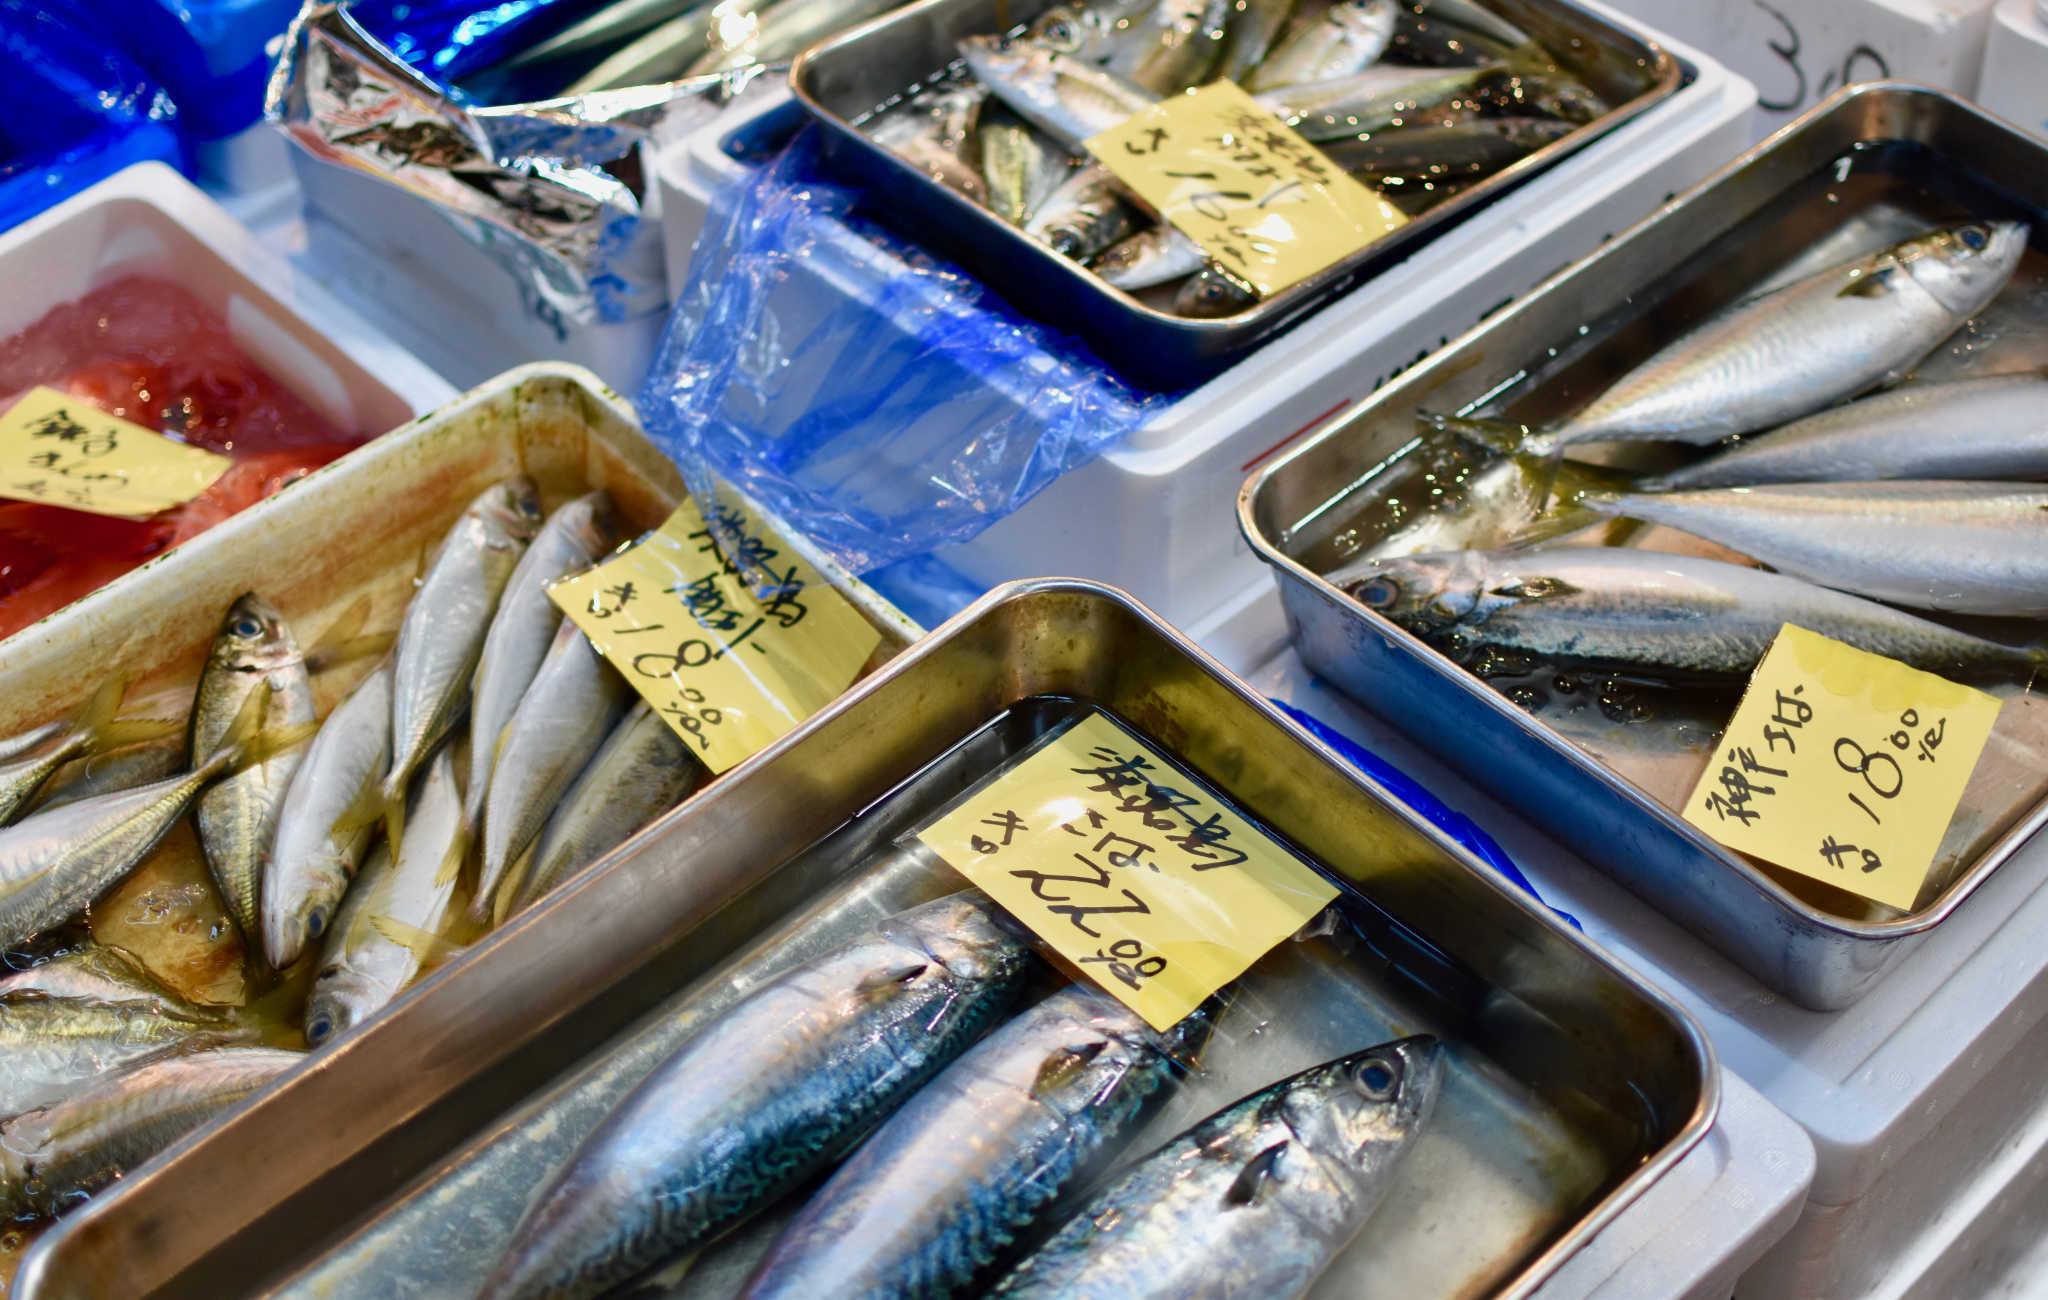 Il y a beaucoup de types de poissons différents